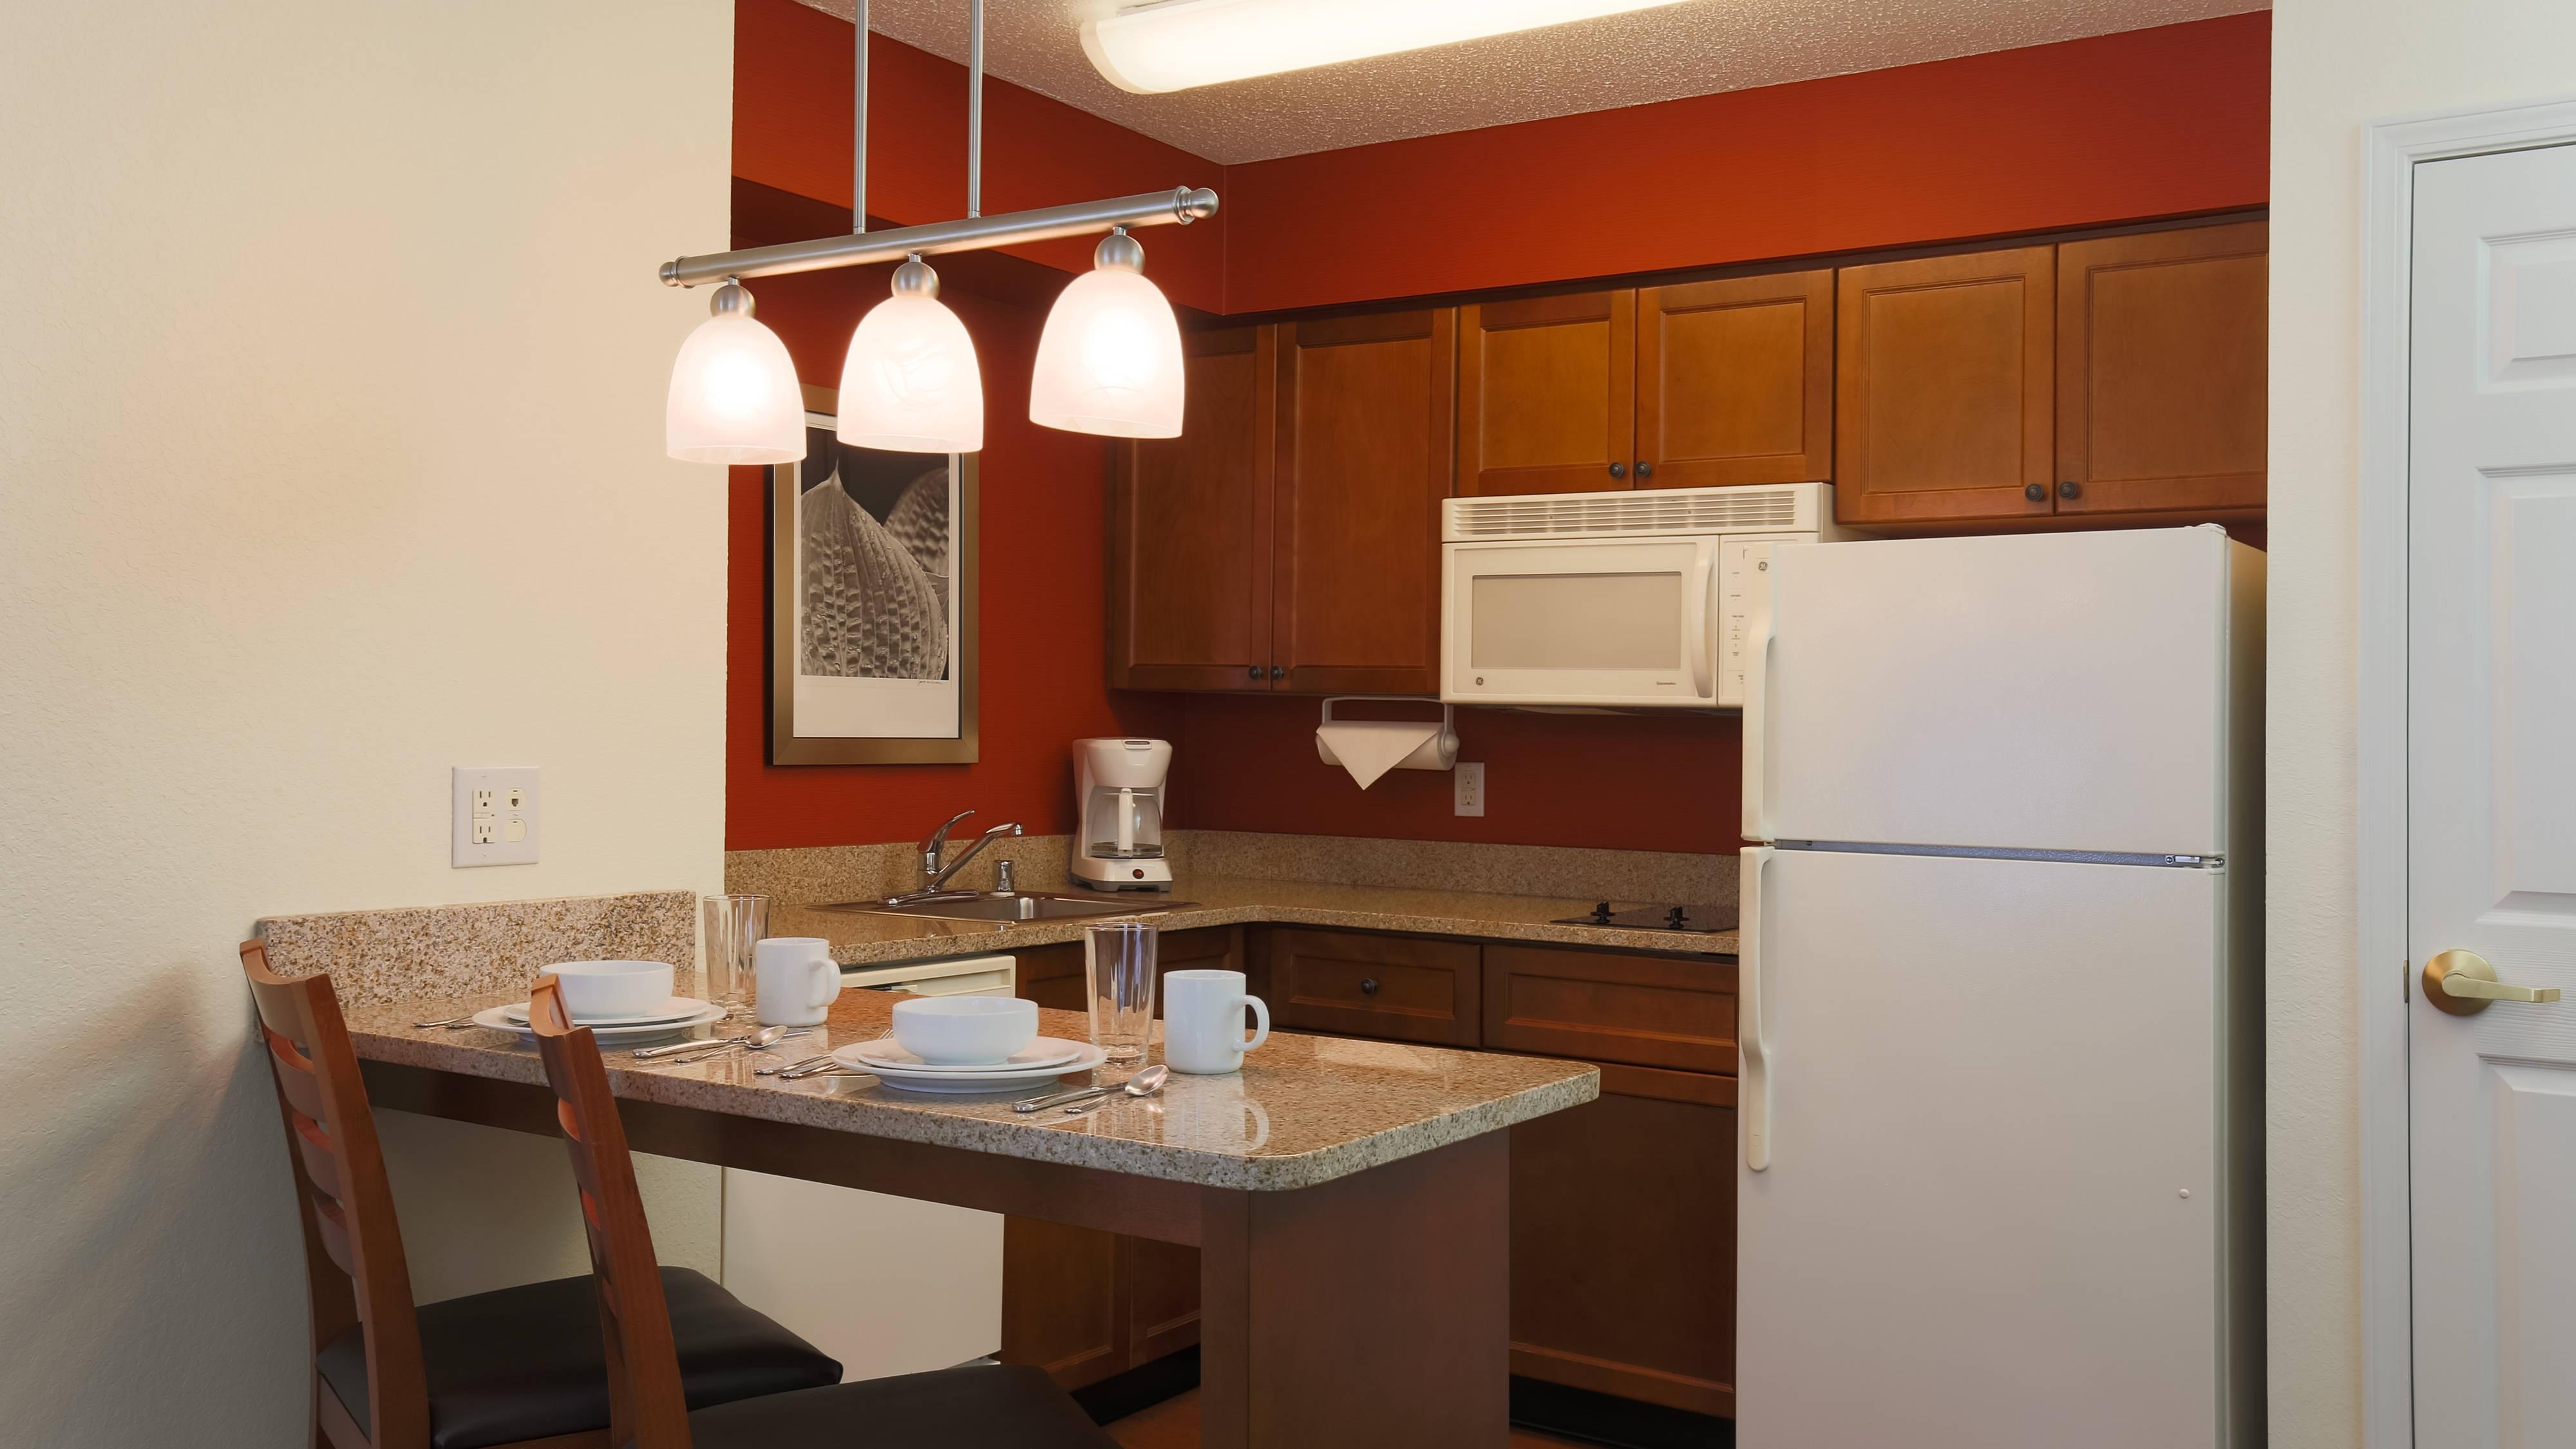 Studio Suite mit Küche in Fort Smith, Arkansas